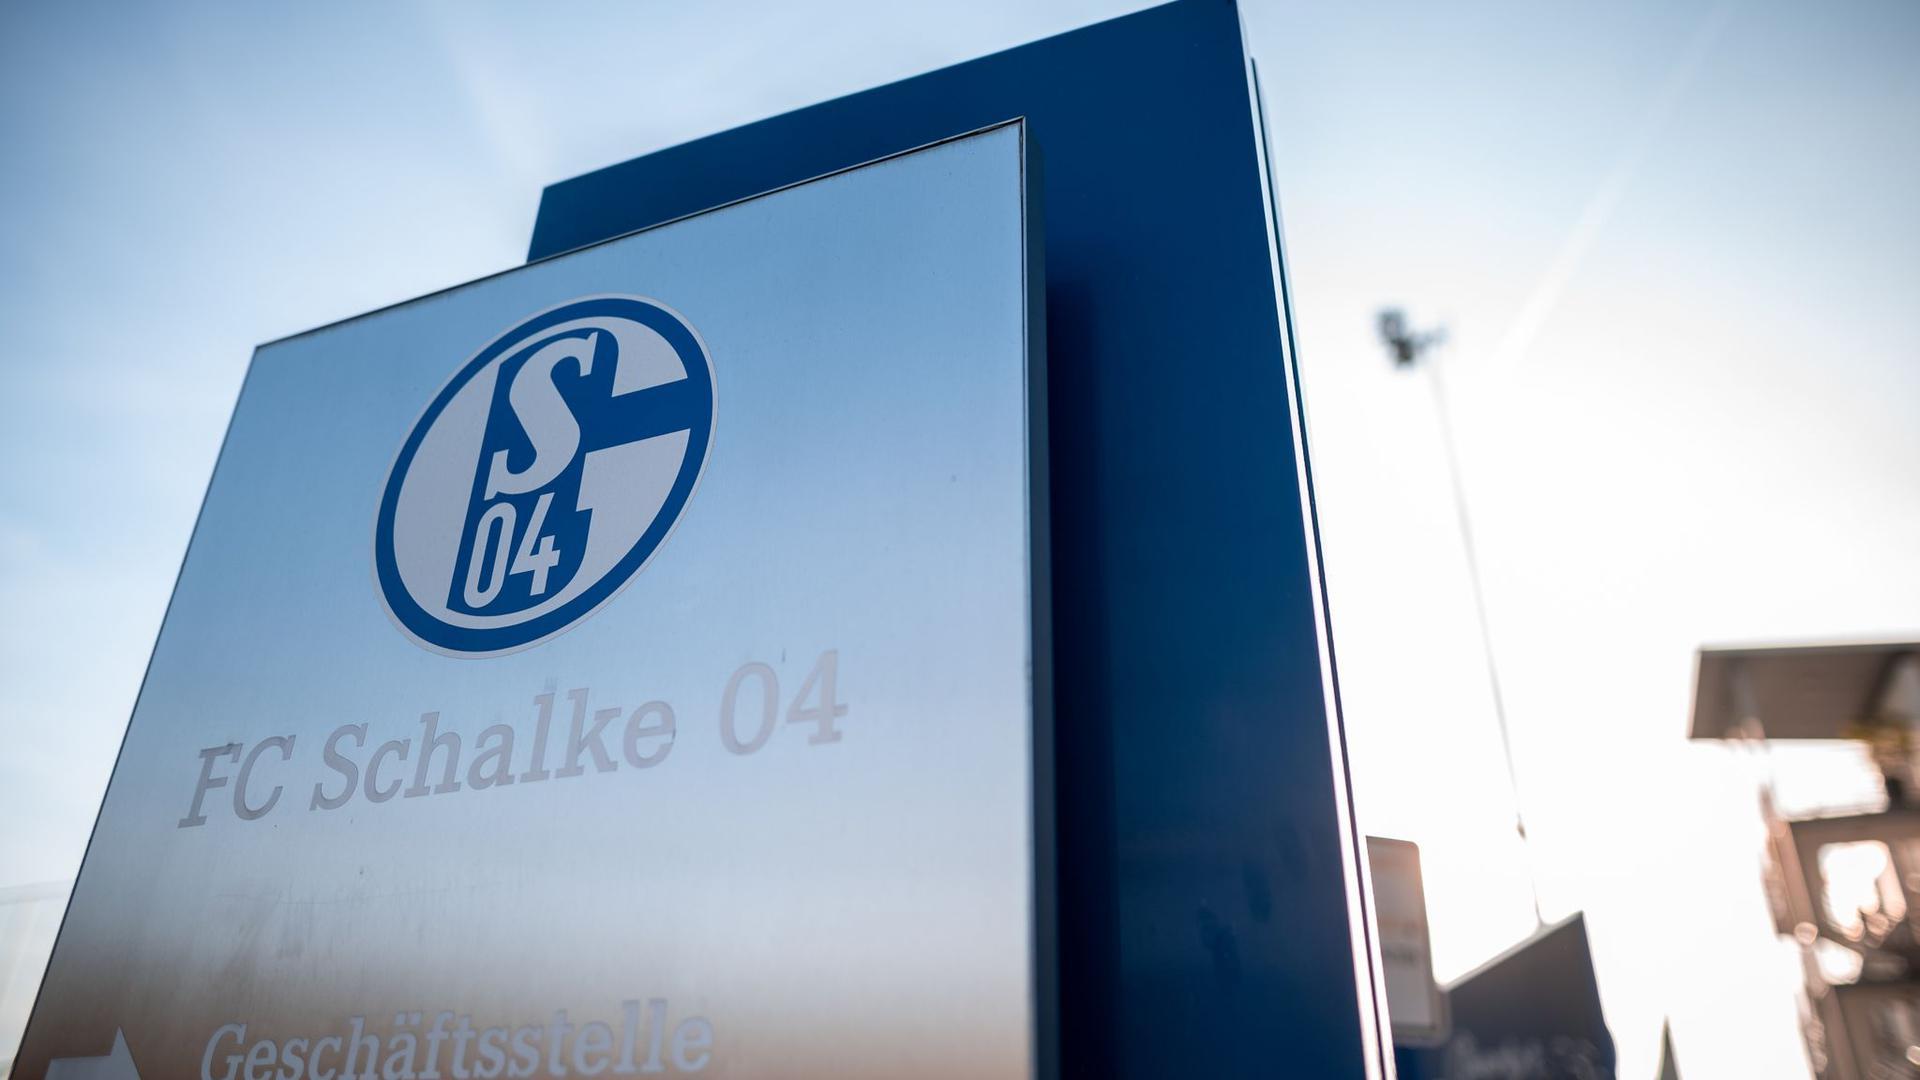 Der FC Schalke 04 steckt in einer Krise.